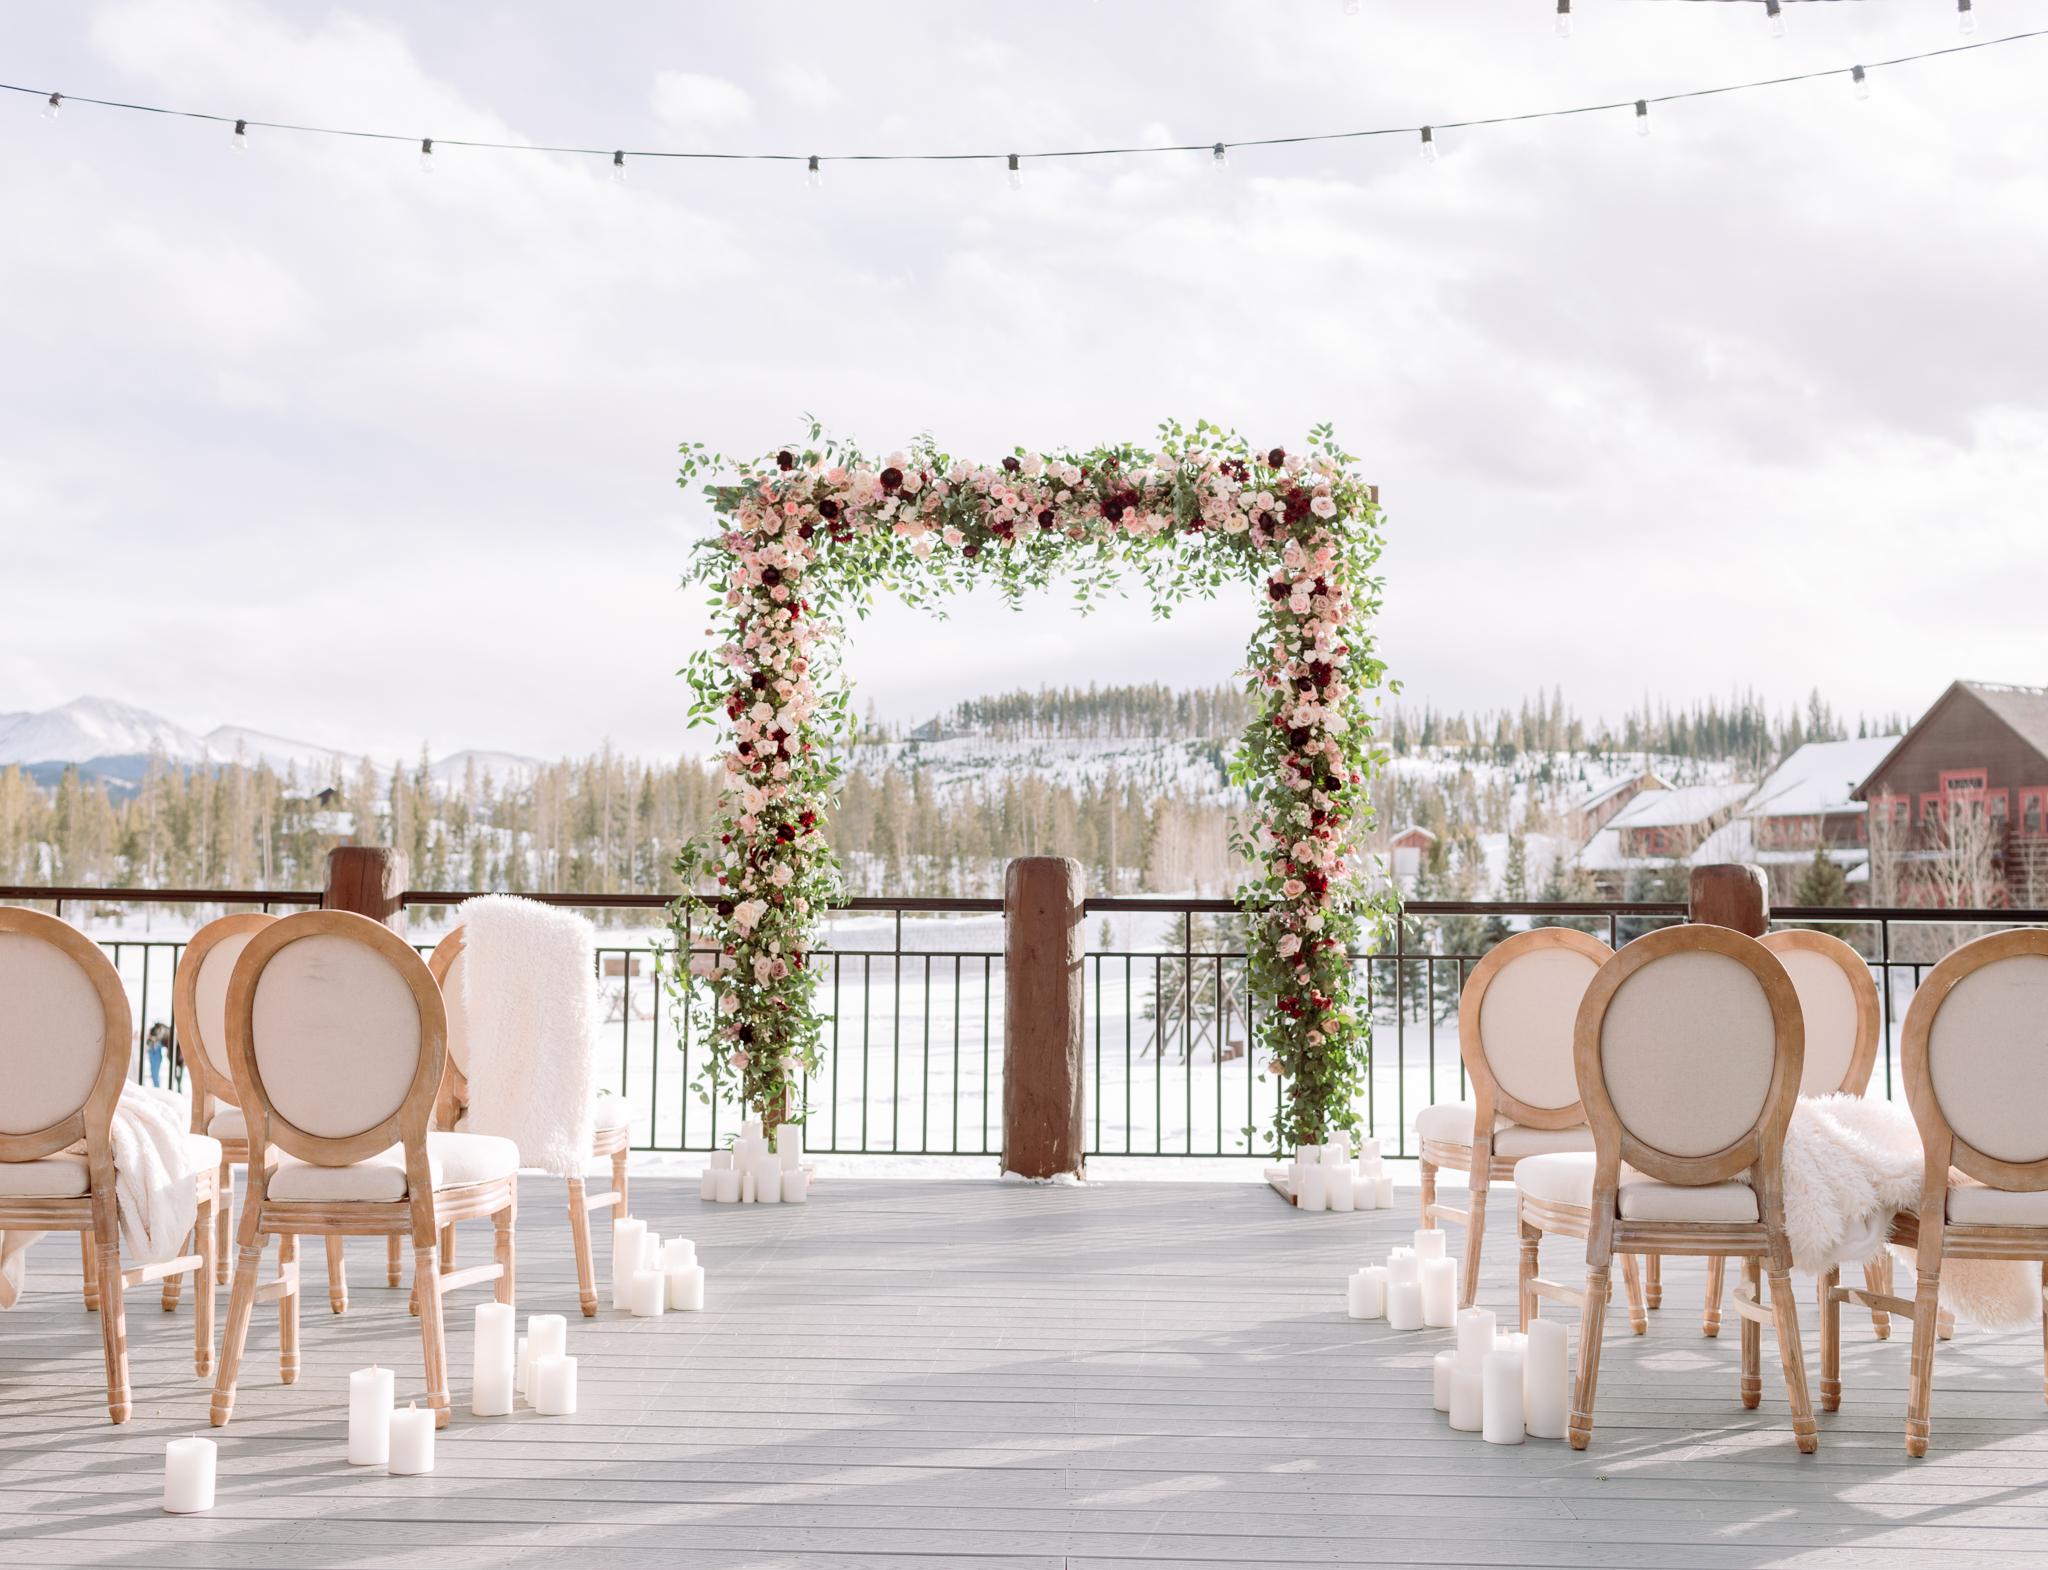 Devils-Thumb-Ranch-Tabernash-Colorado-Winter-Outdoor-Wedding-Ceremony